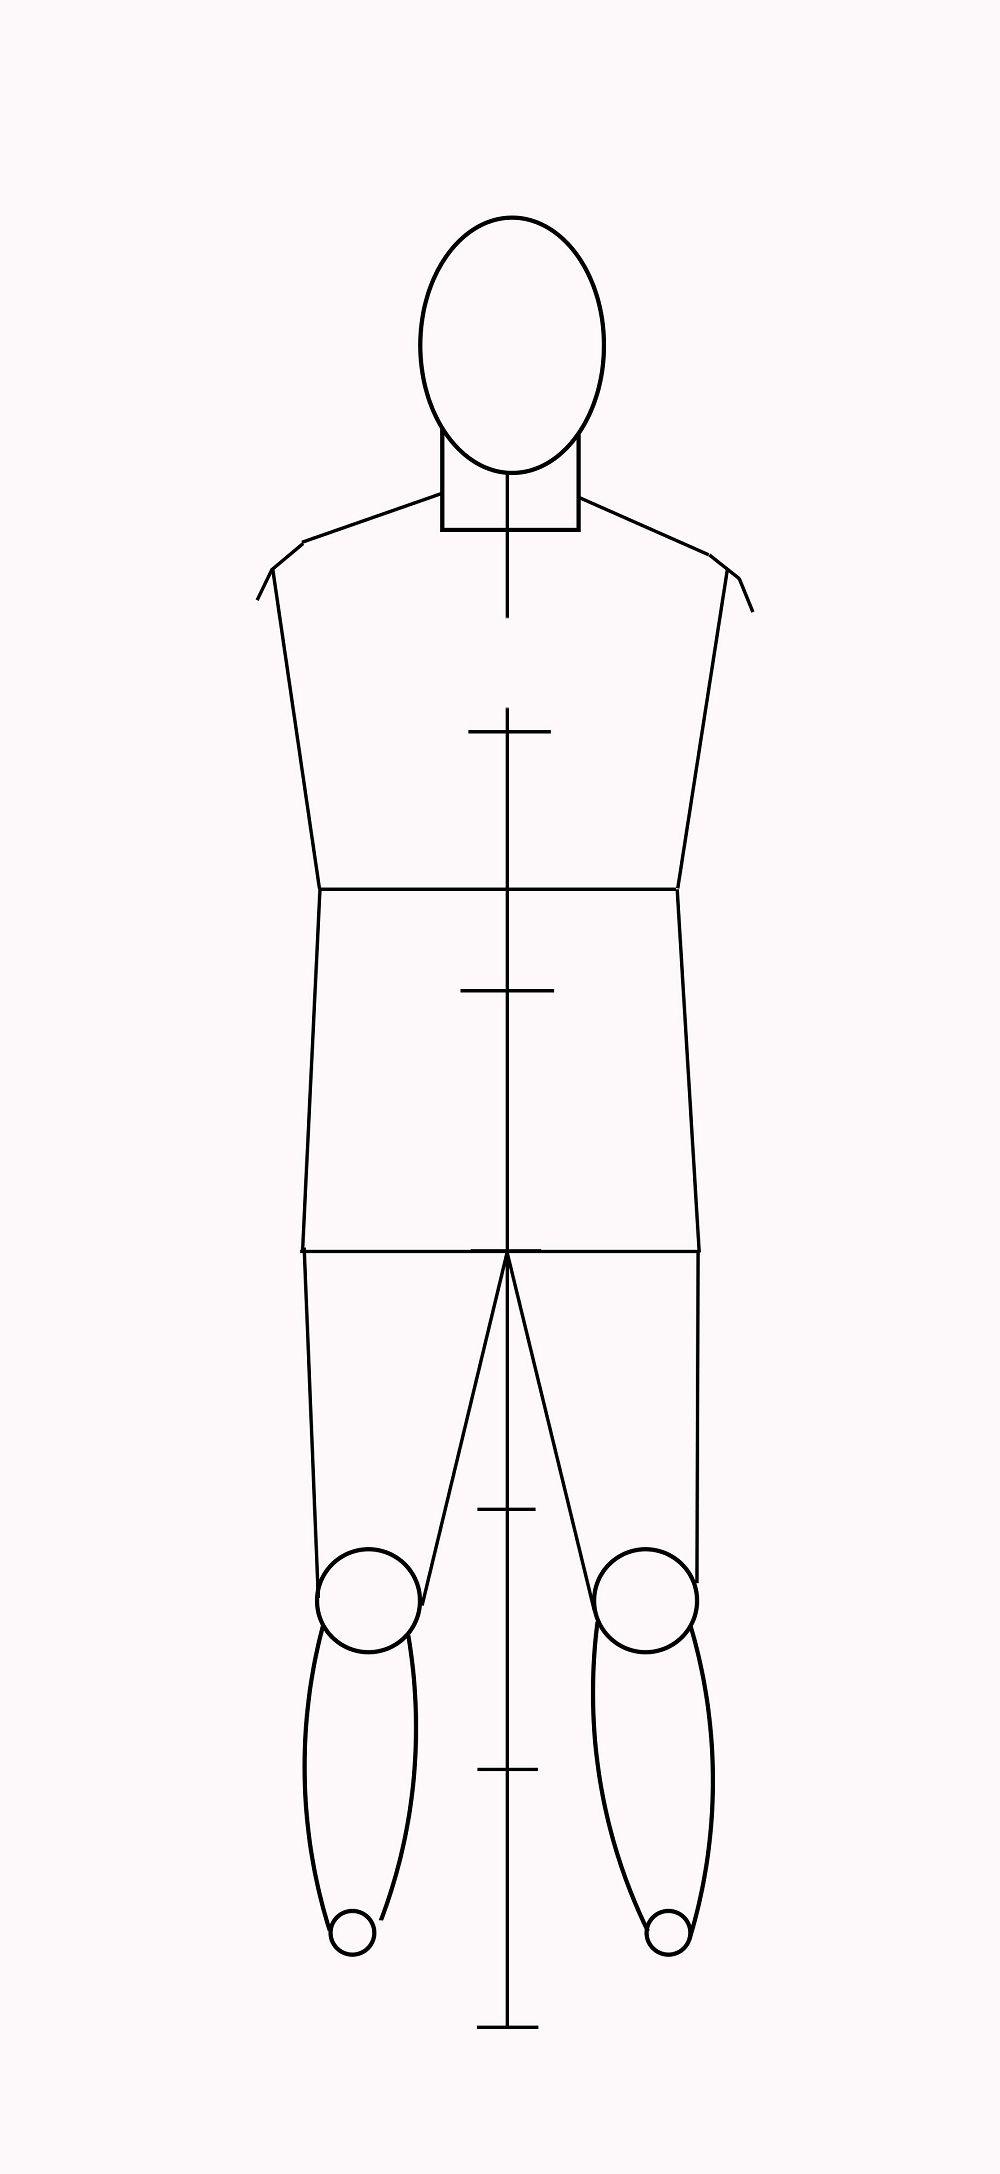 Как нарисовать человека поэтапно для начинающих